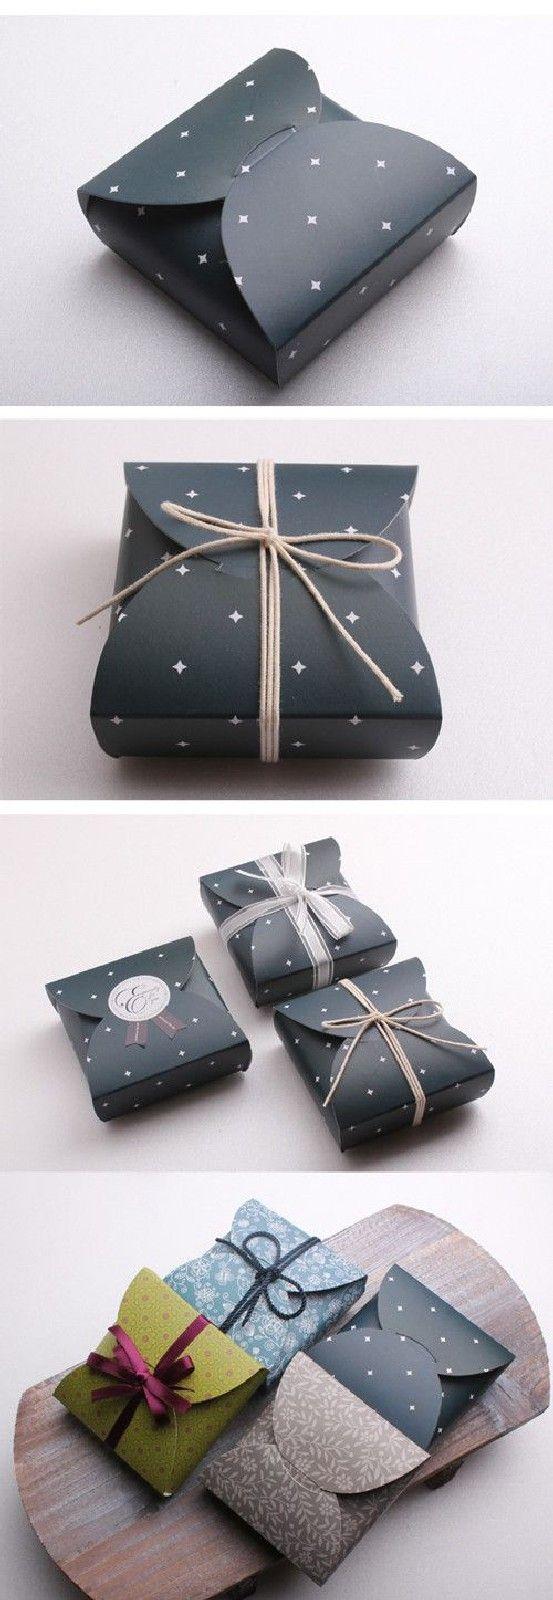 7 Best Creative Cookies Packaging Design Ideas